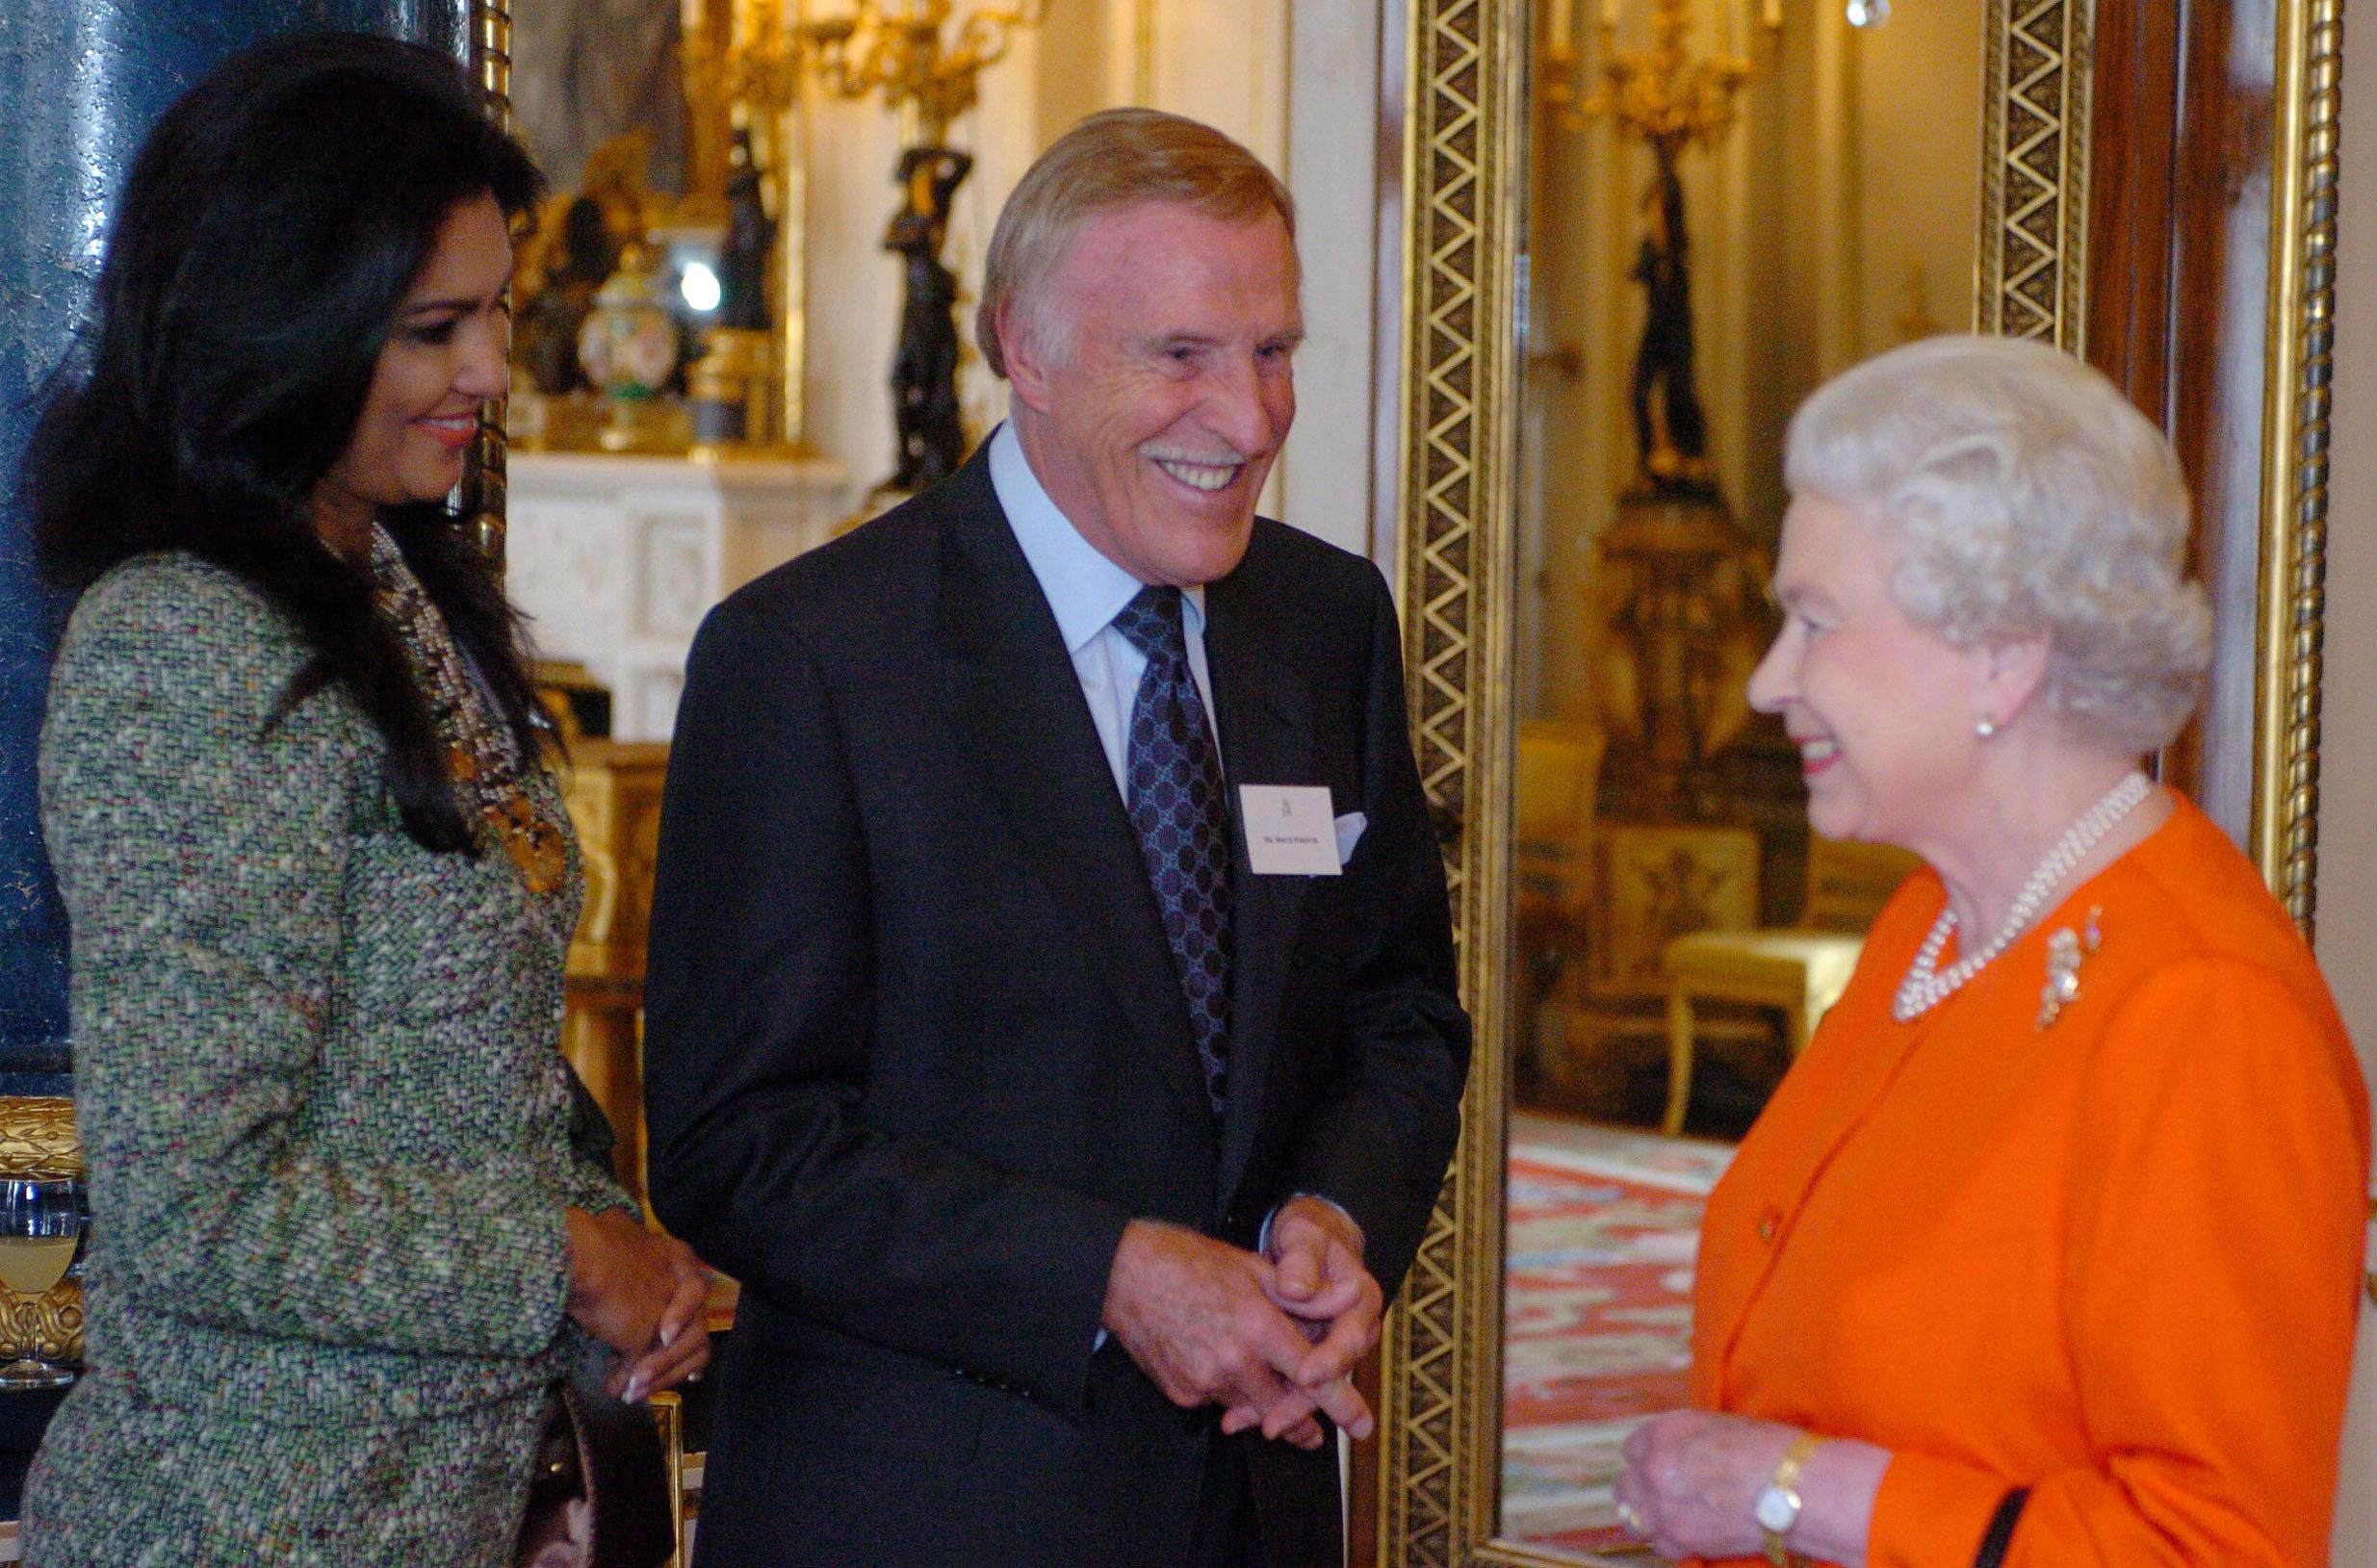 La pareja junto a la Reina de Inglaterra. (Archivo)